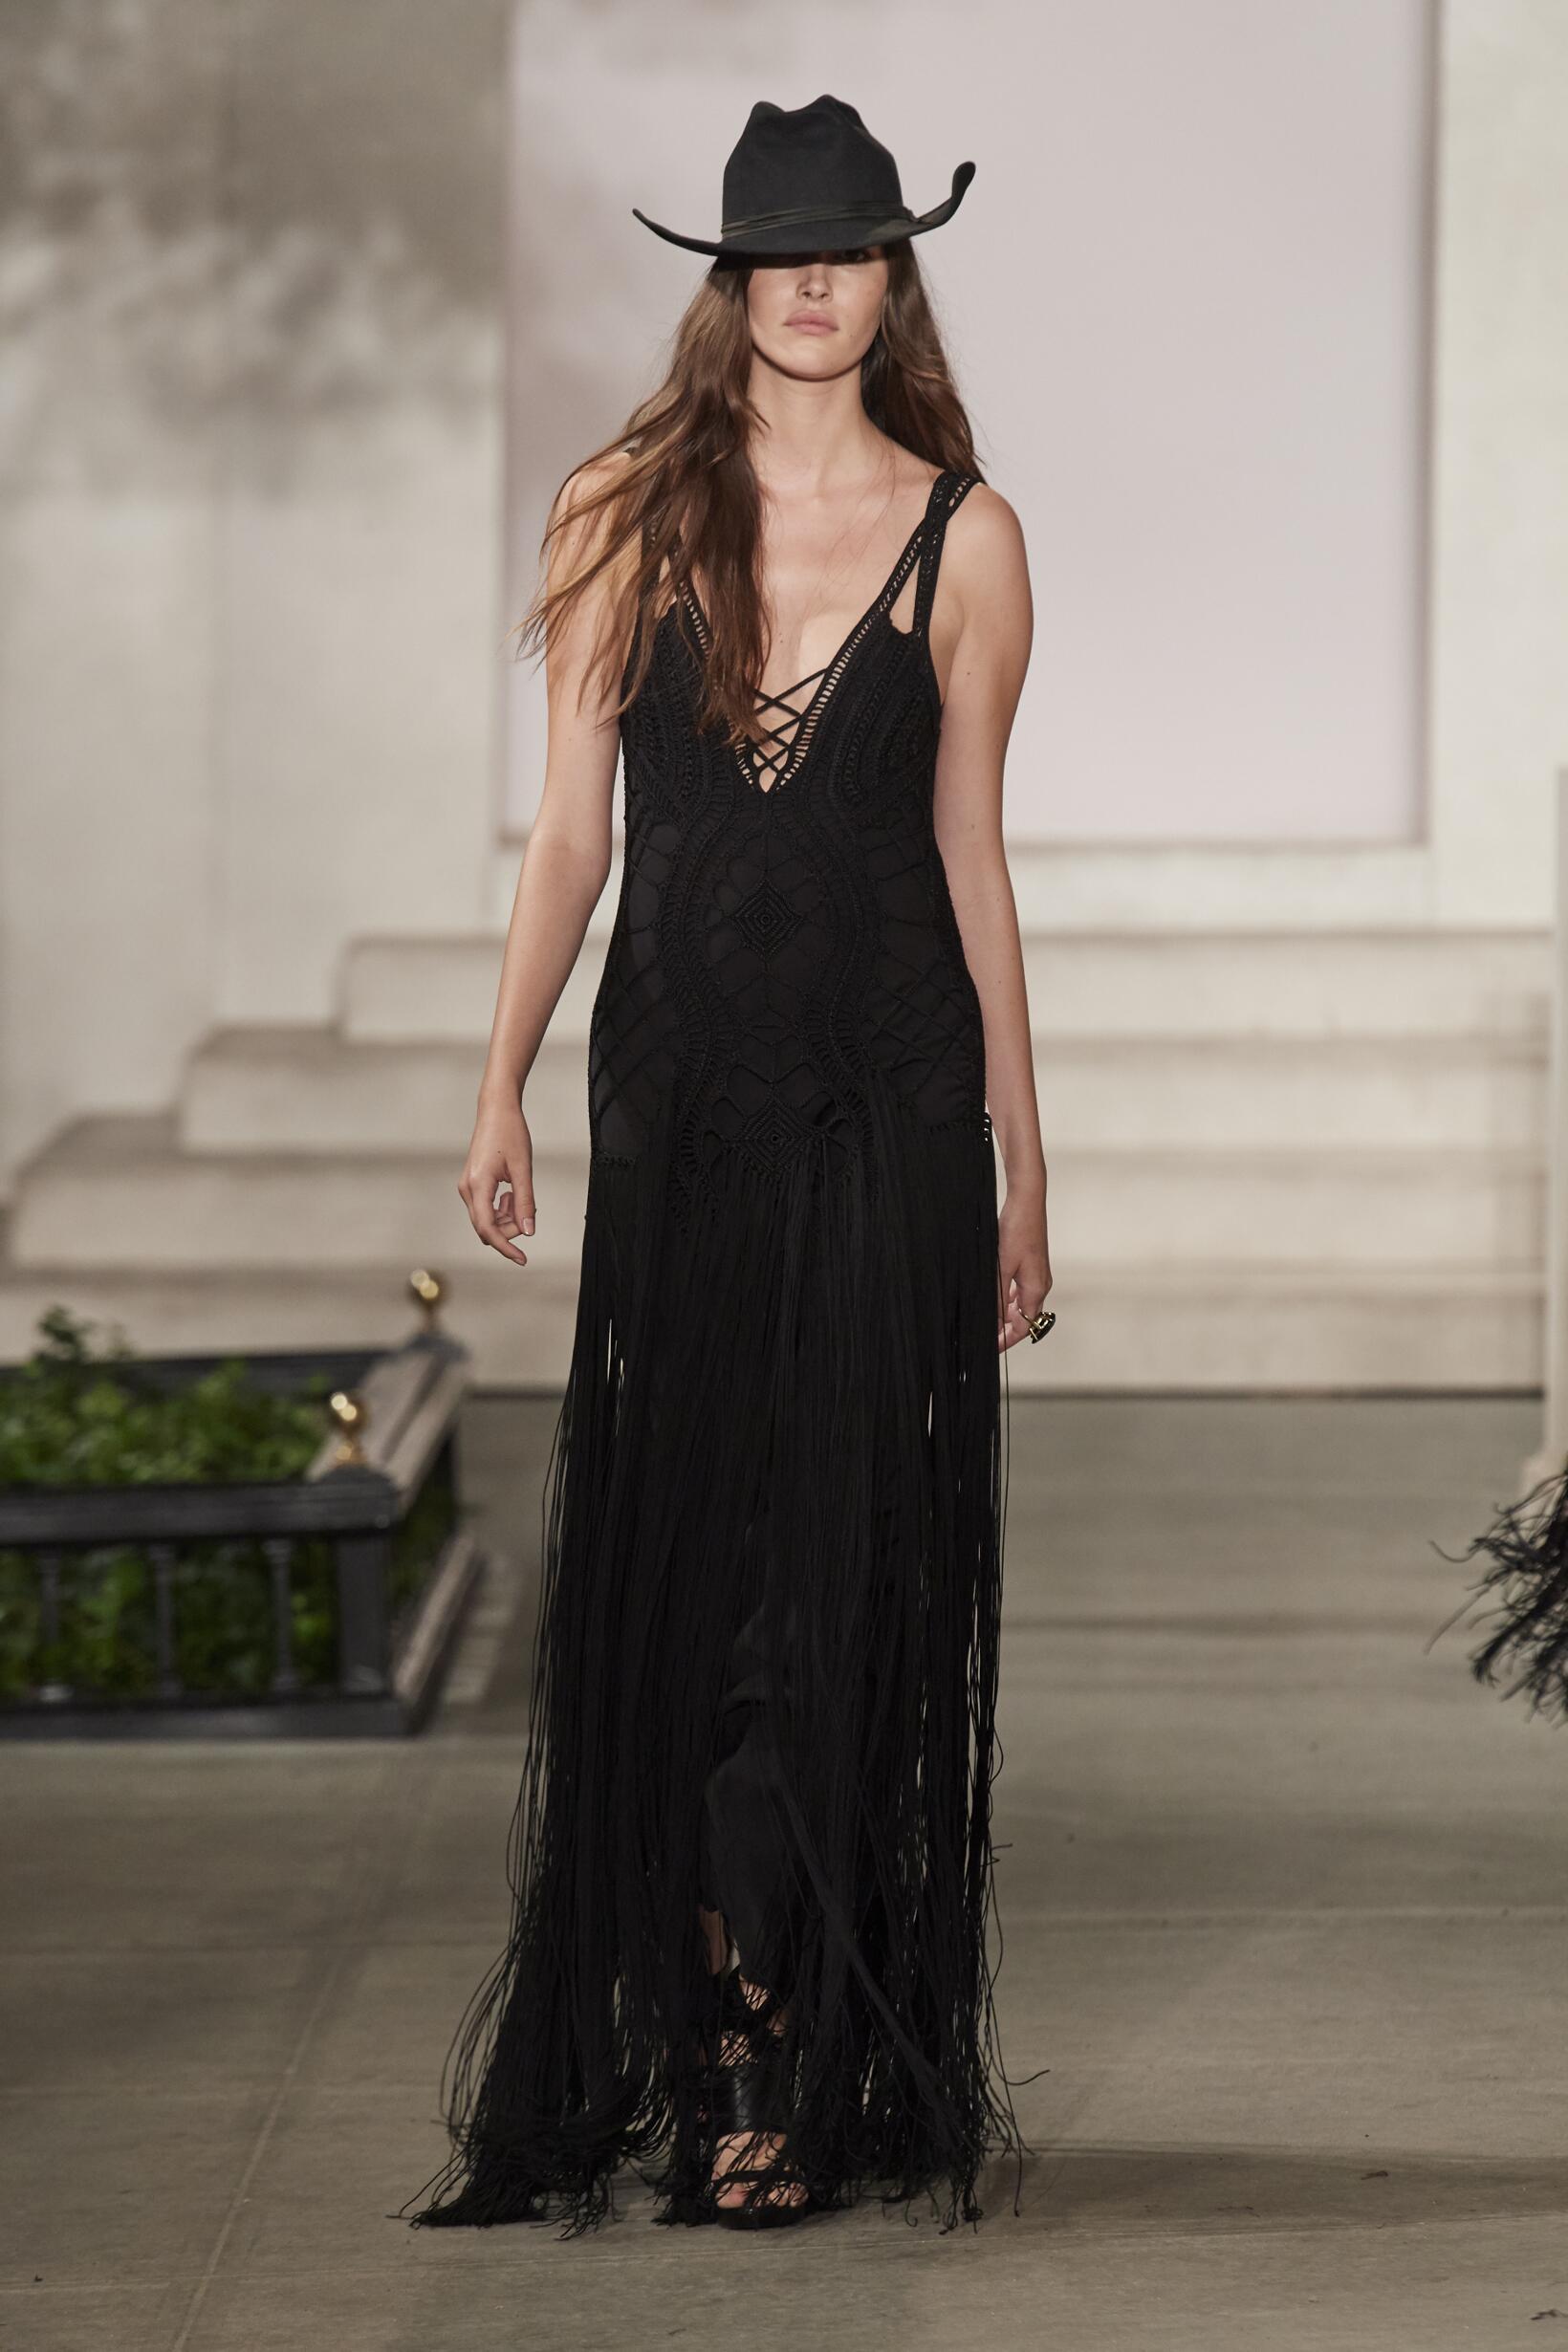 Ralph Lauren SS 2017 Womenswear